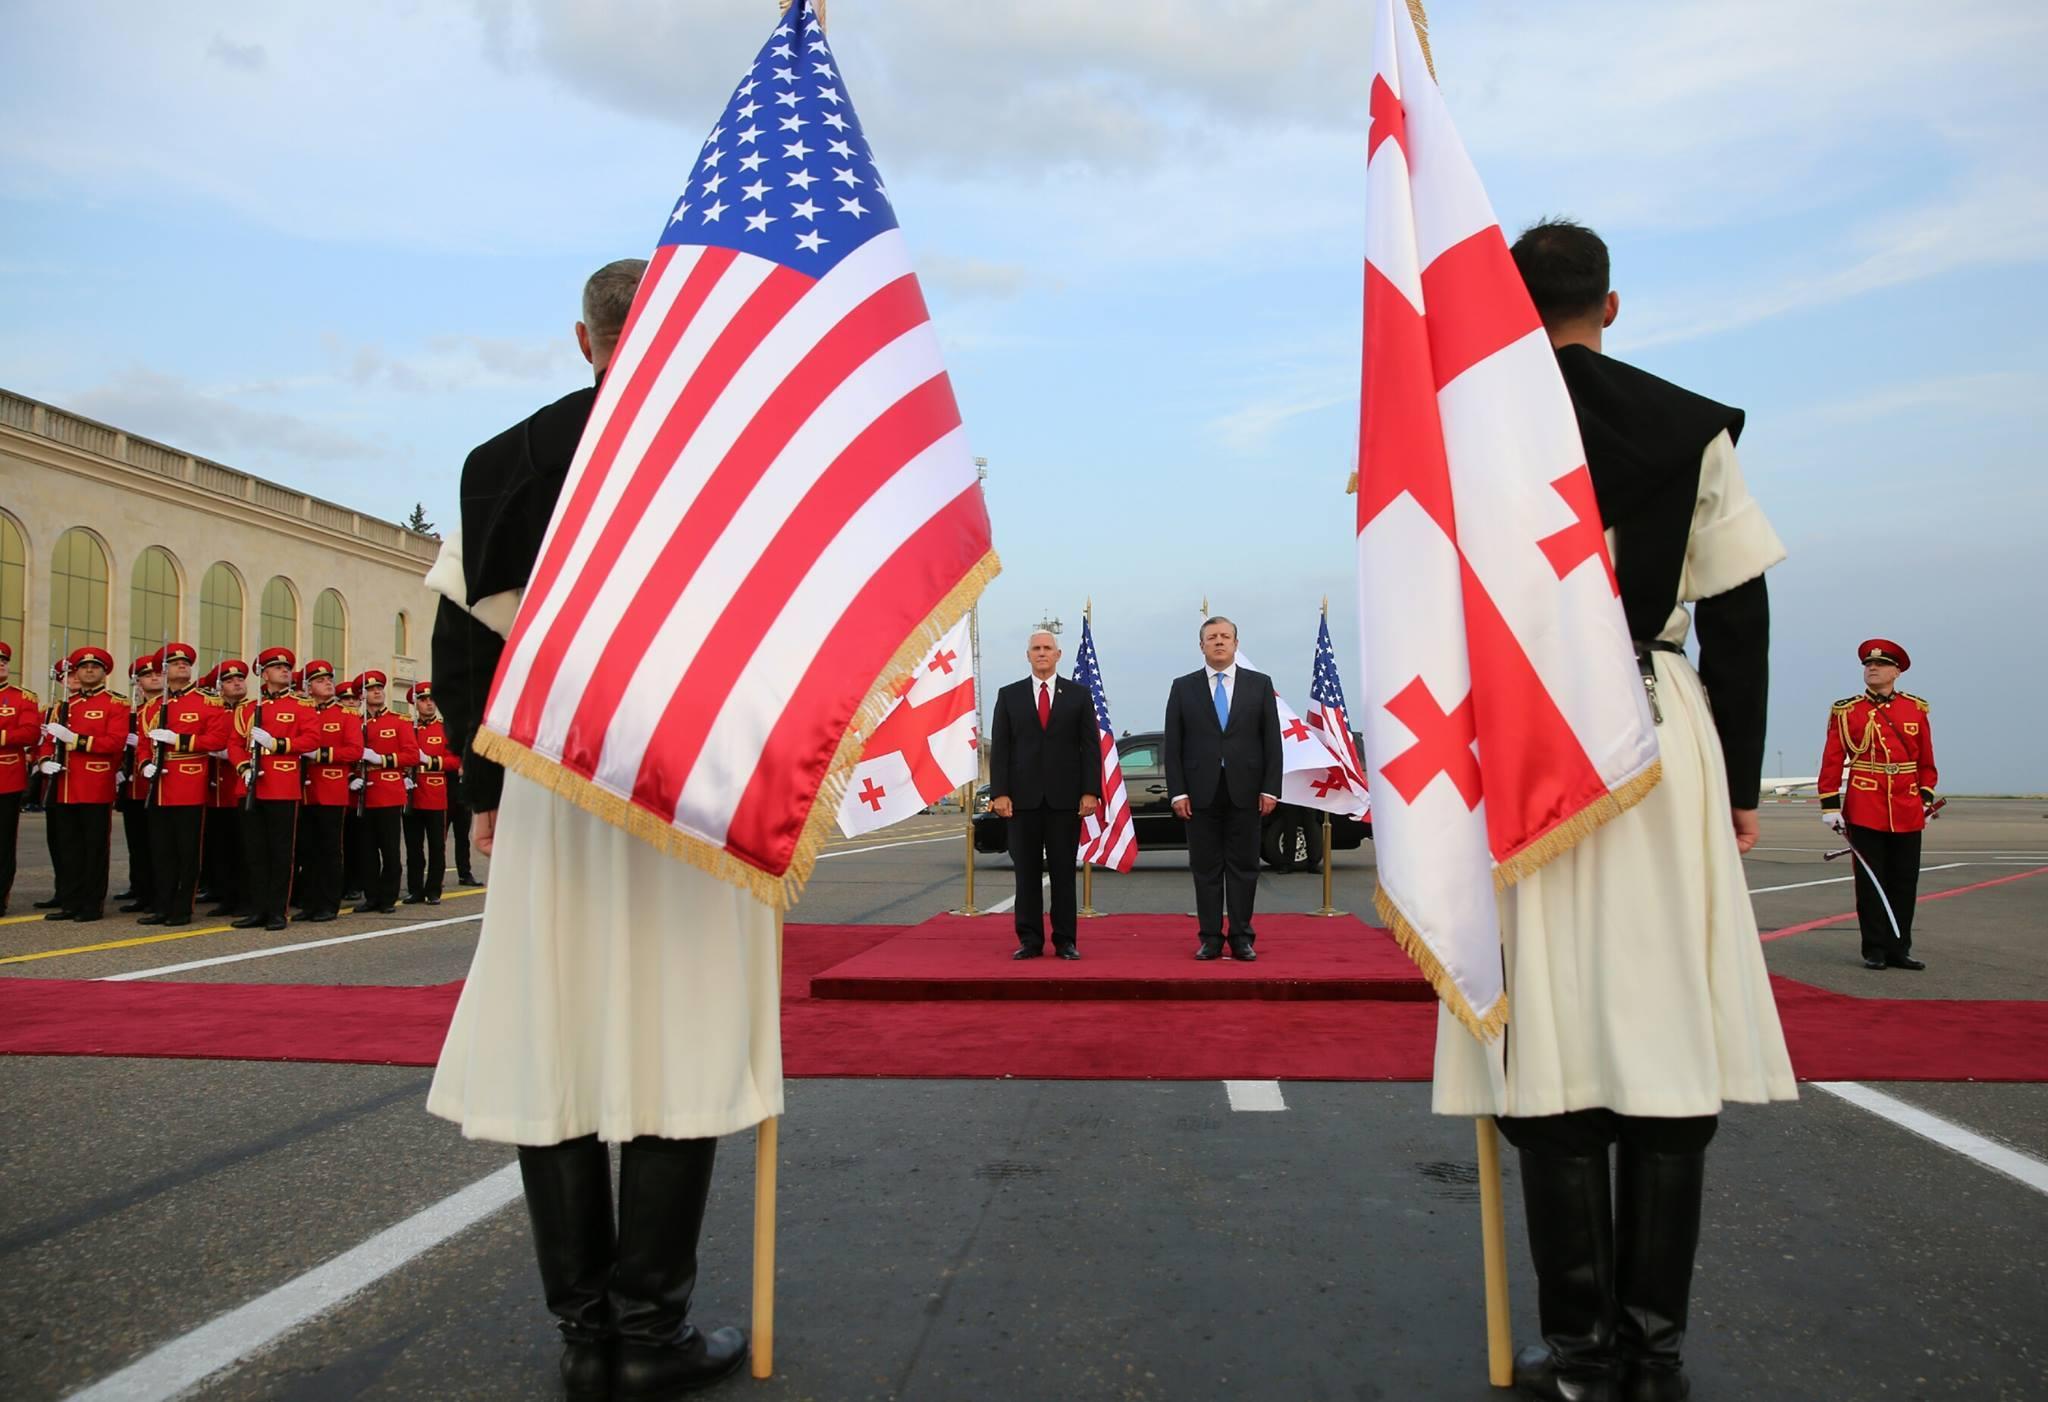 20451710 10203763824771606 8971525370863621568 o #новости featured, визит, вице-президент США, Грузия, Майк Пенс